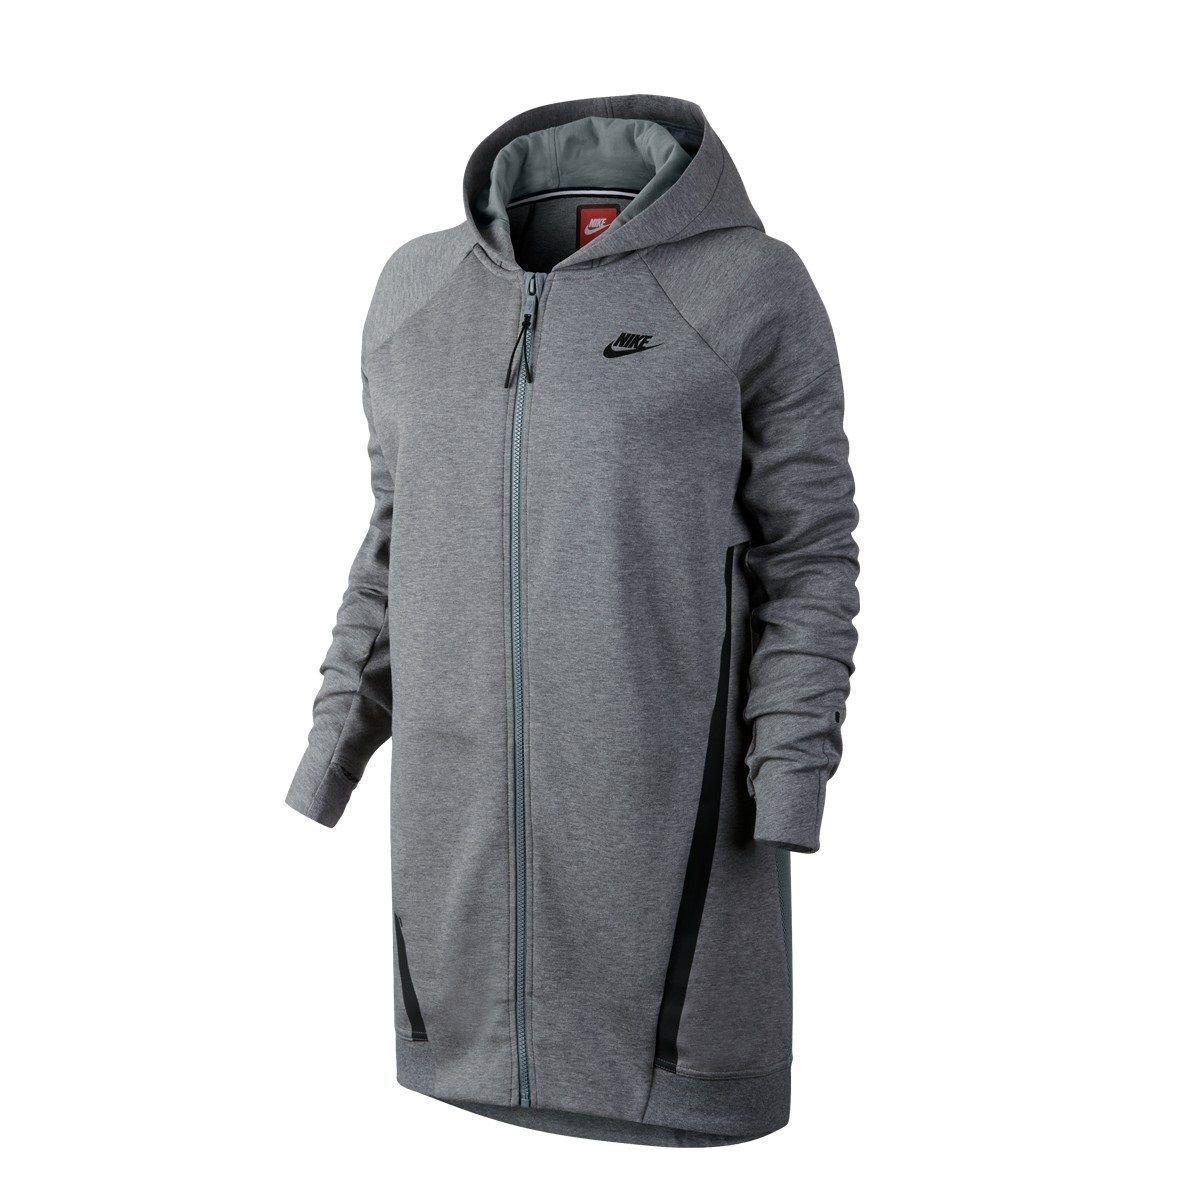 Nike Donna Tech Giacca in pile maglia maglia maglia COCOON Nero Grigio Bianco Caldo Palestra Da Gioco 2e88be